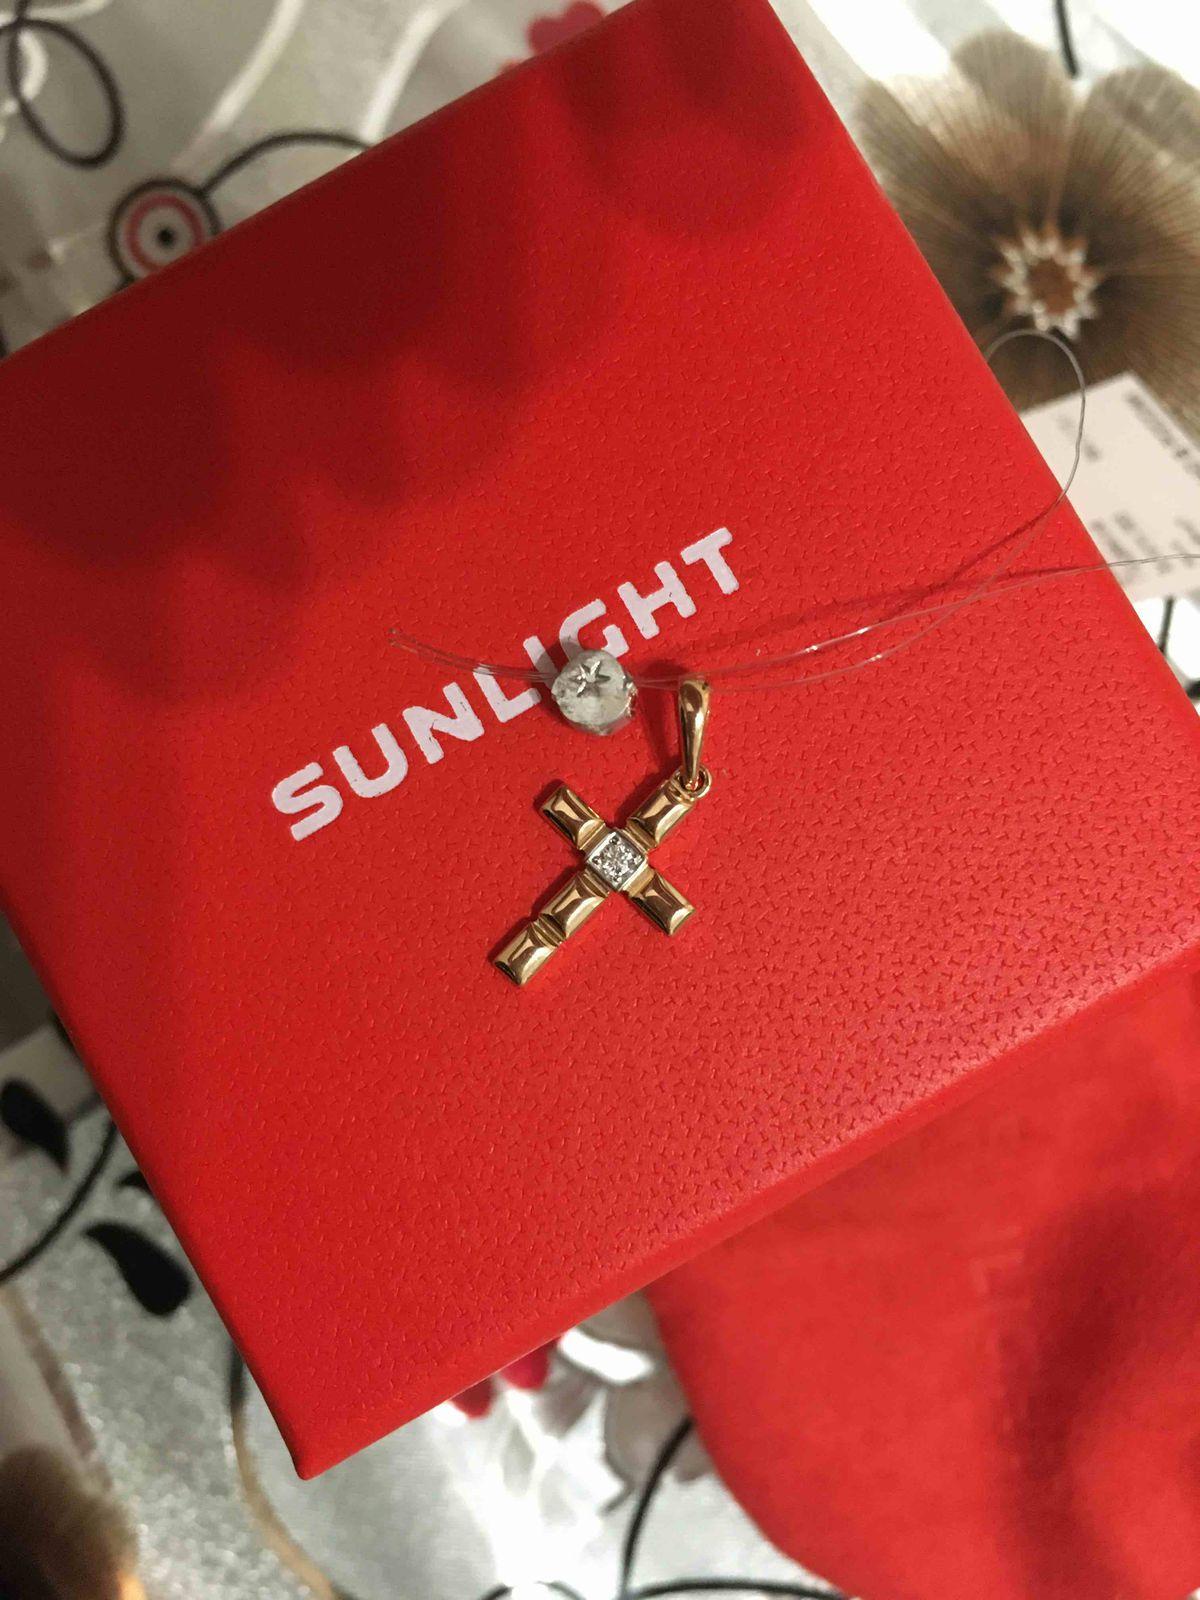 Упаковано идеально, будто не крест привезли, а слиток золота😹